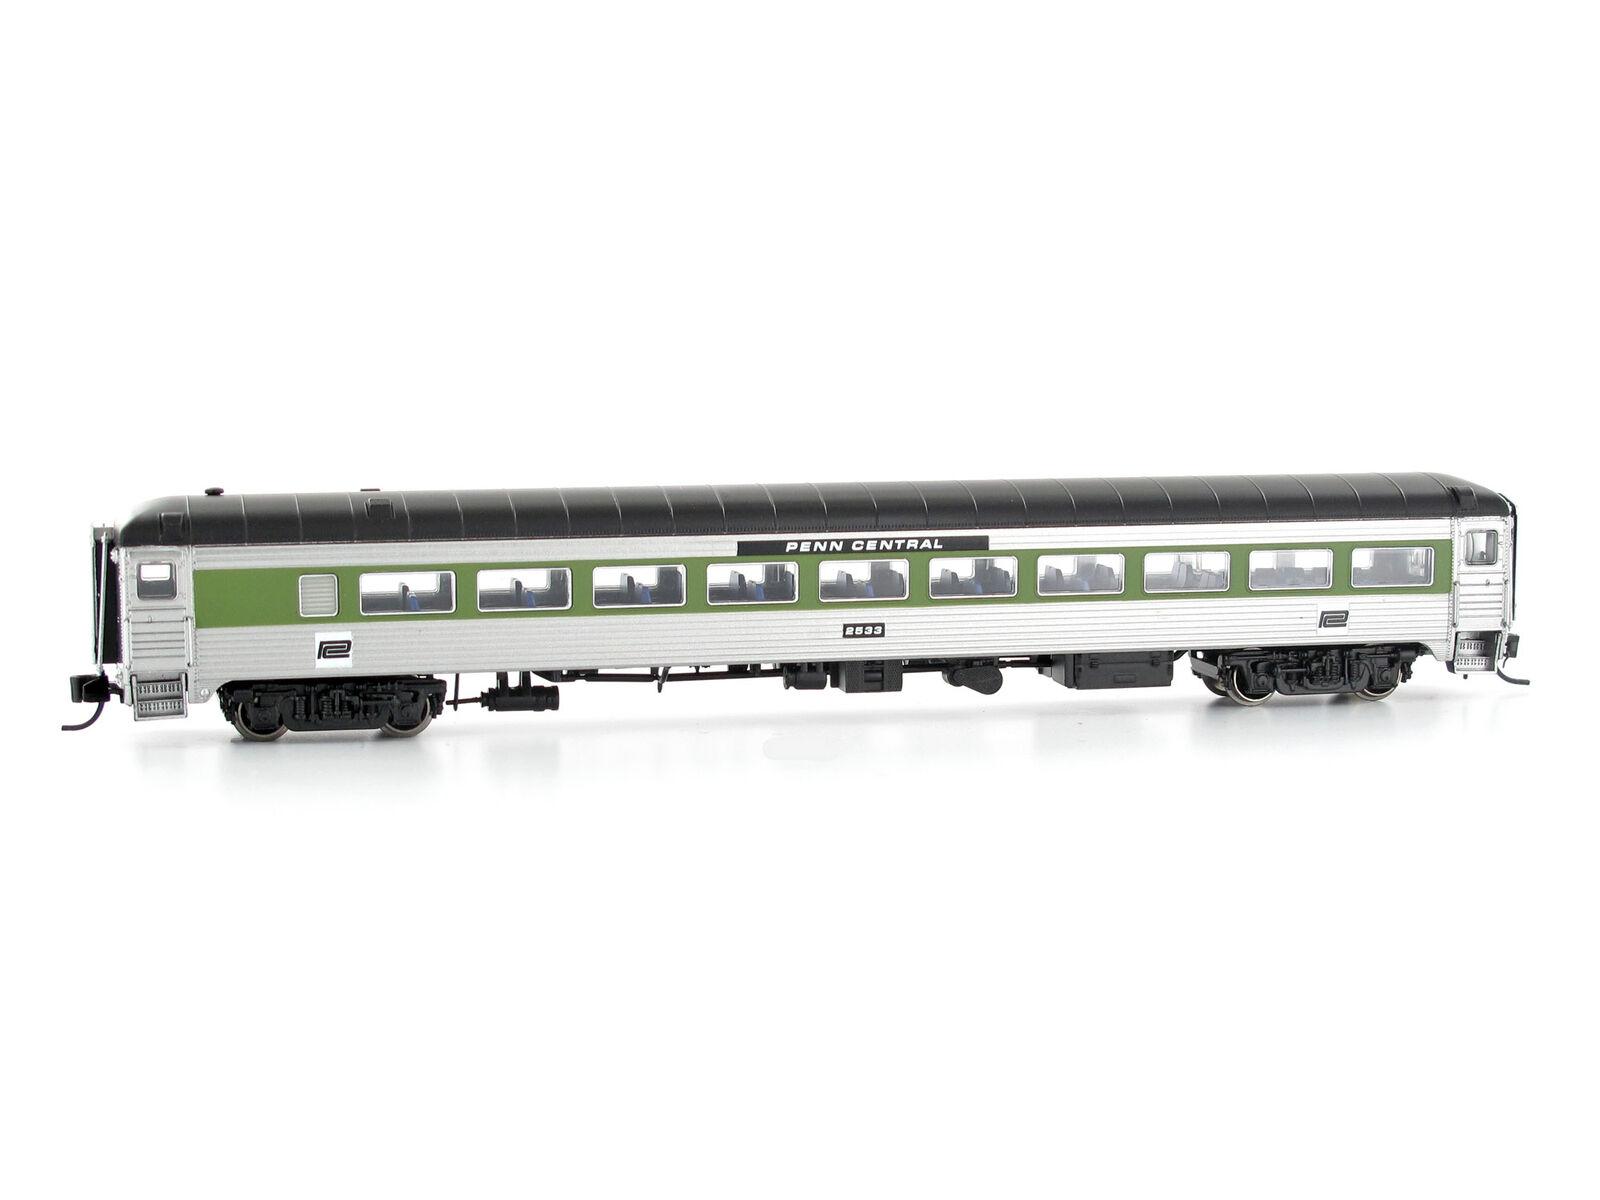 Rapido-trains 517020-a los turismos 8600 series Penn Central nº 2533-pista n